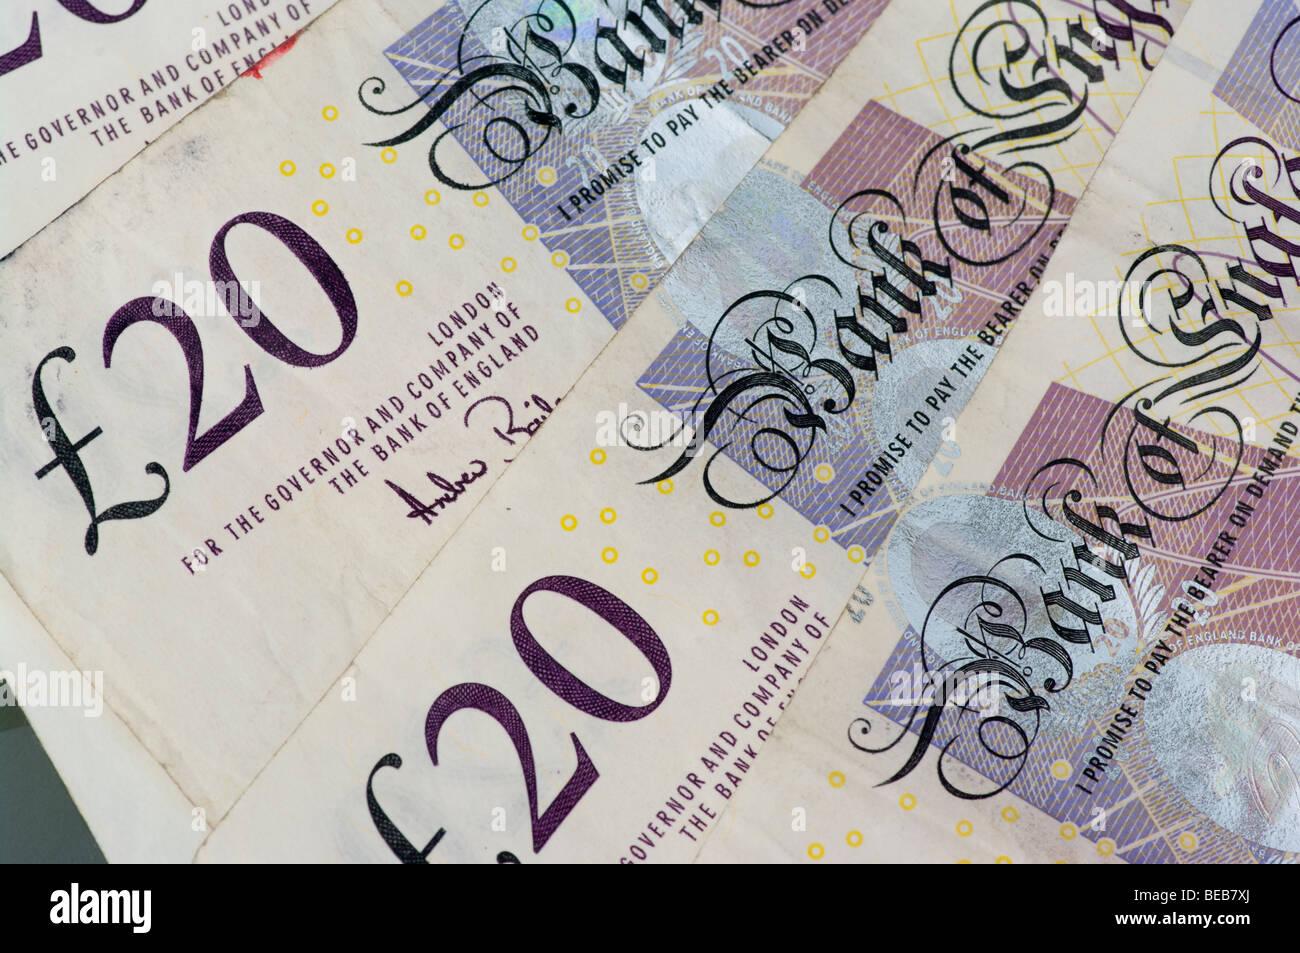 Used Twenty English Pound Sterling Notes - Stock Image